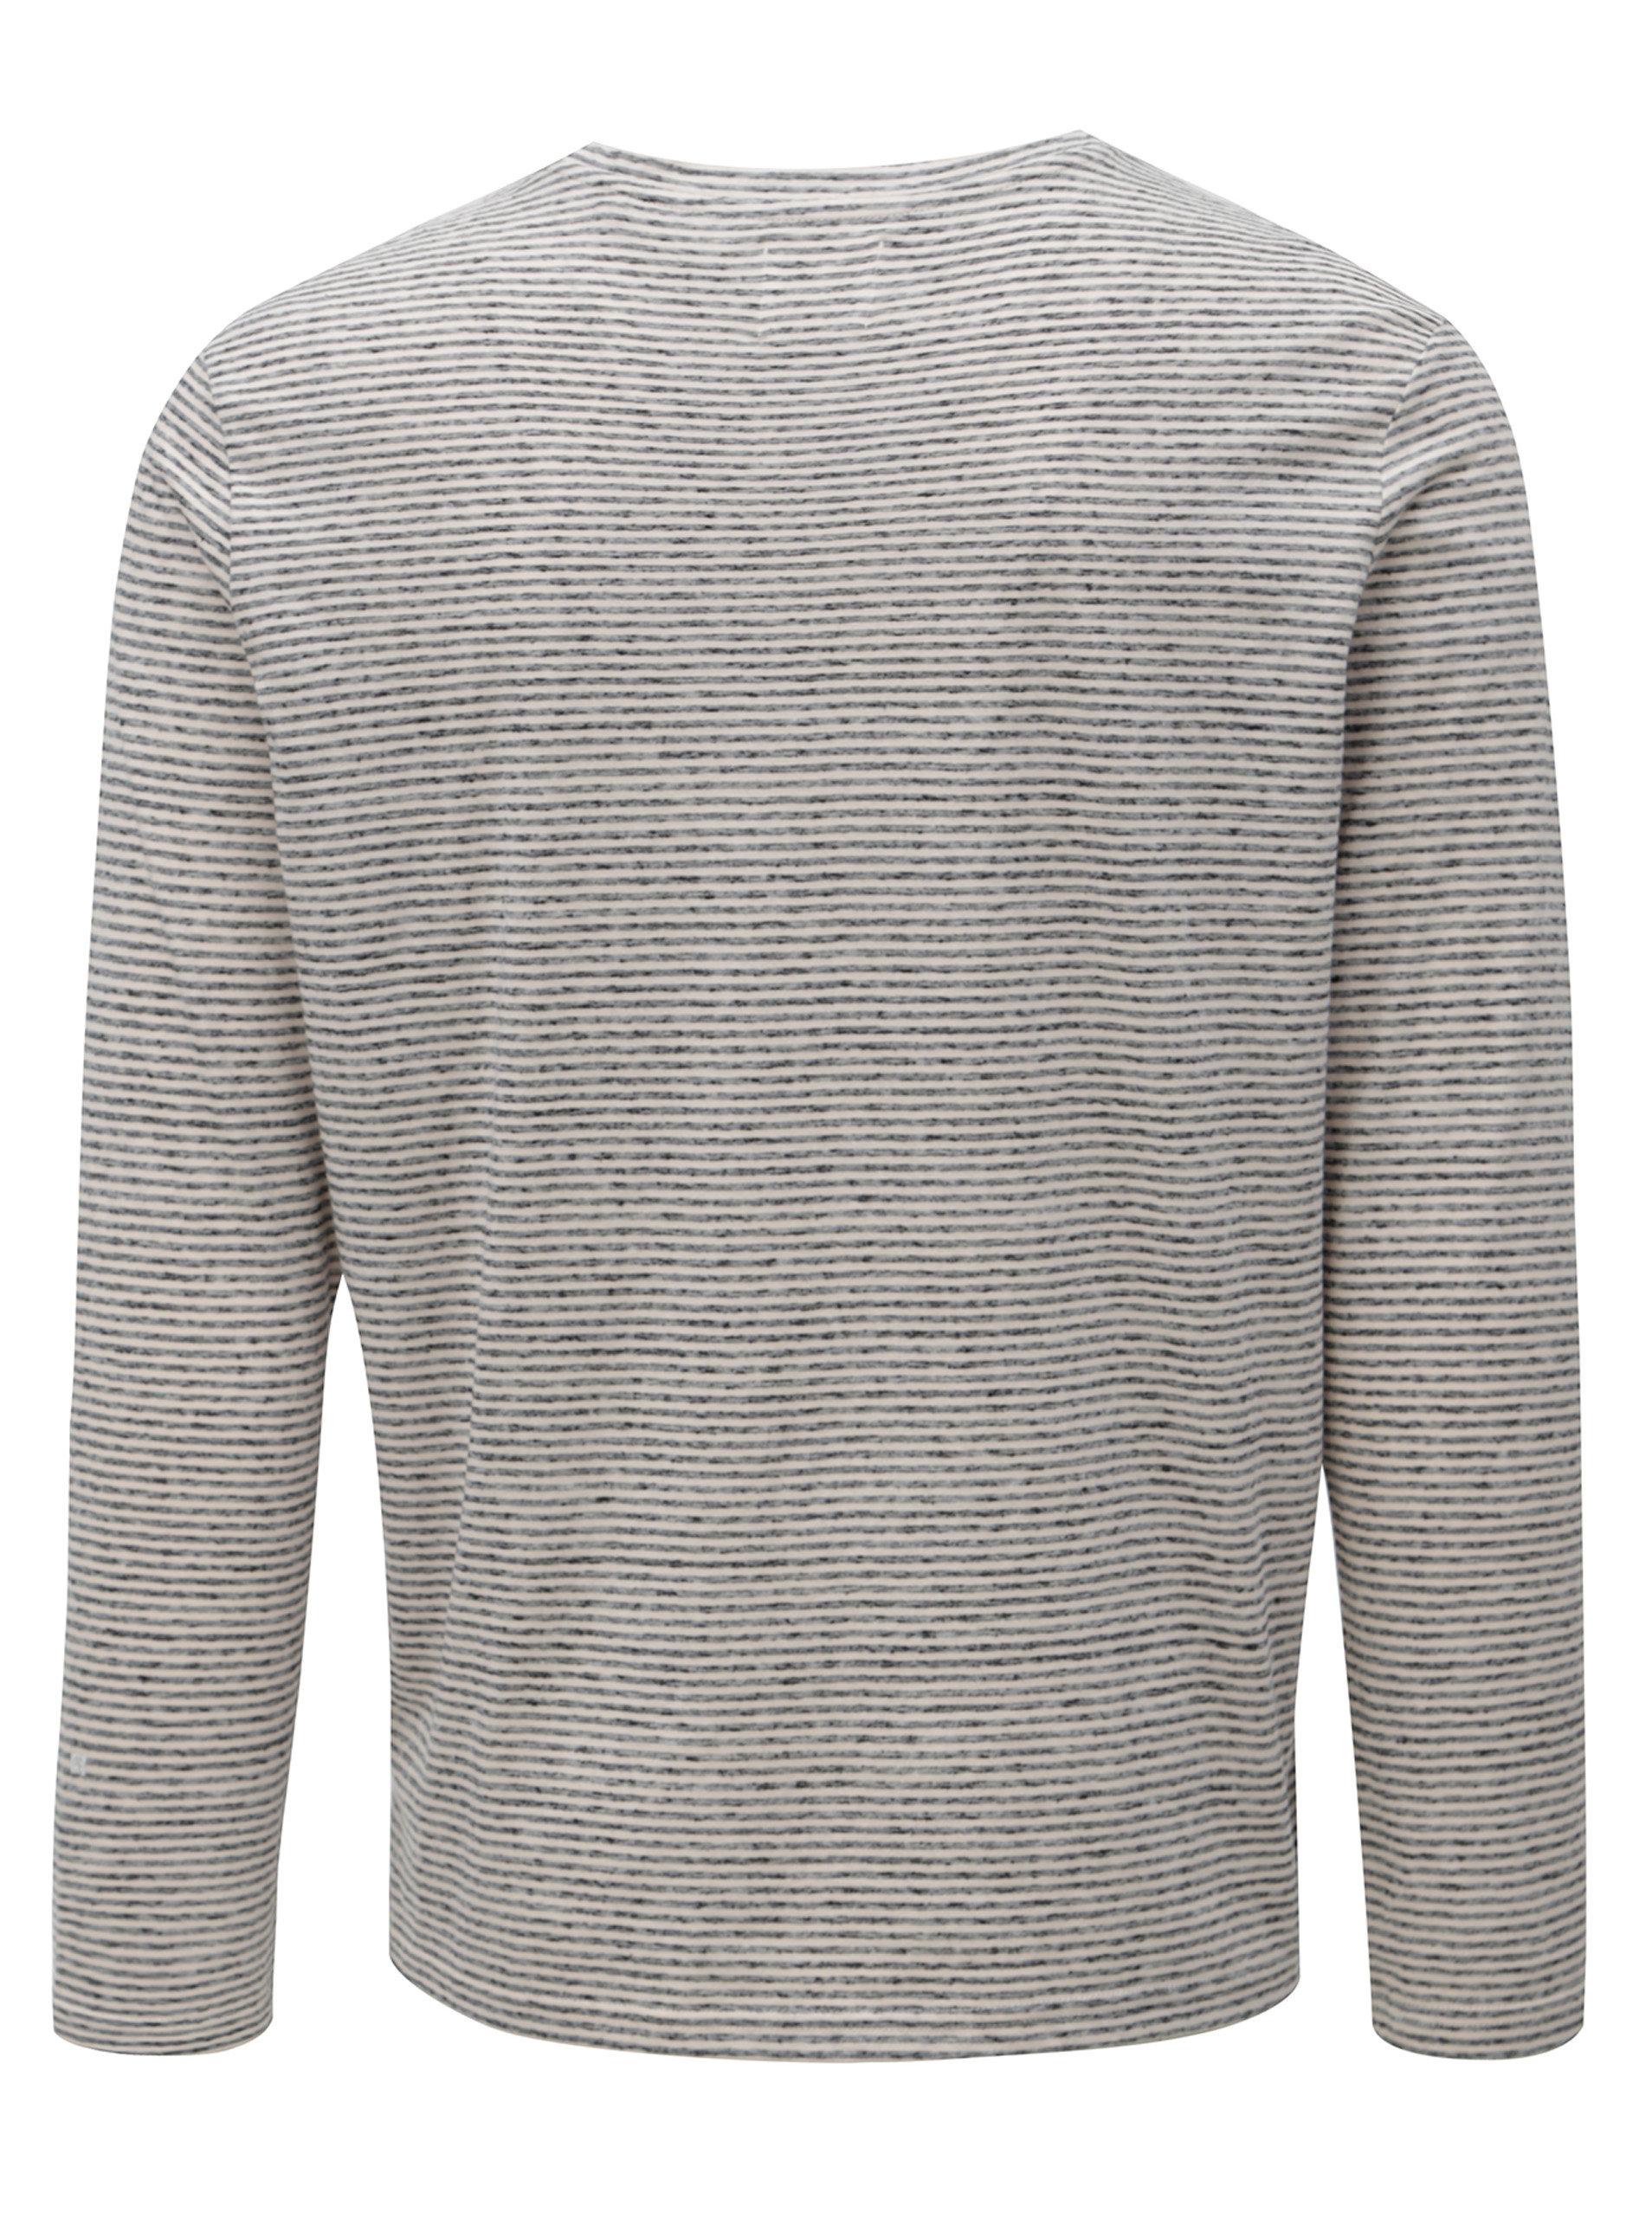 62a5a688b331 Krémovo-sivé pruhované tričko s dlhým rukávom Burton Menswear London ...